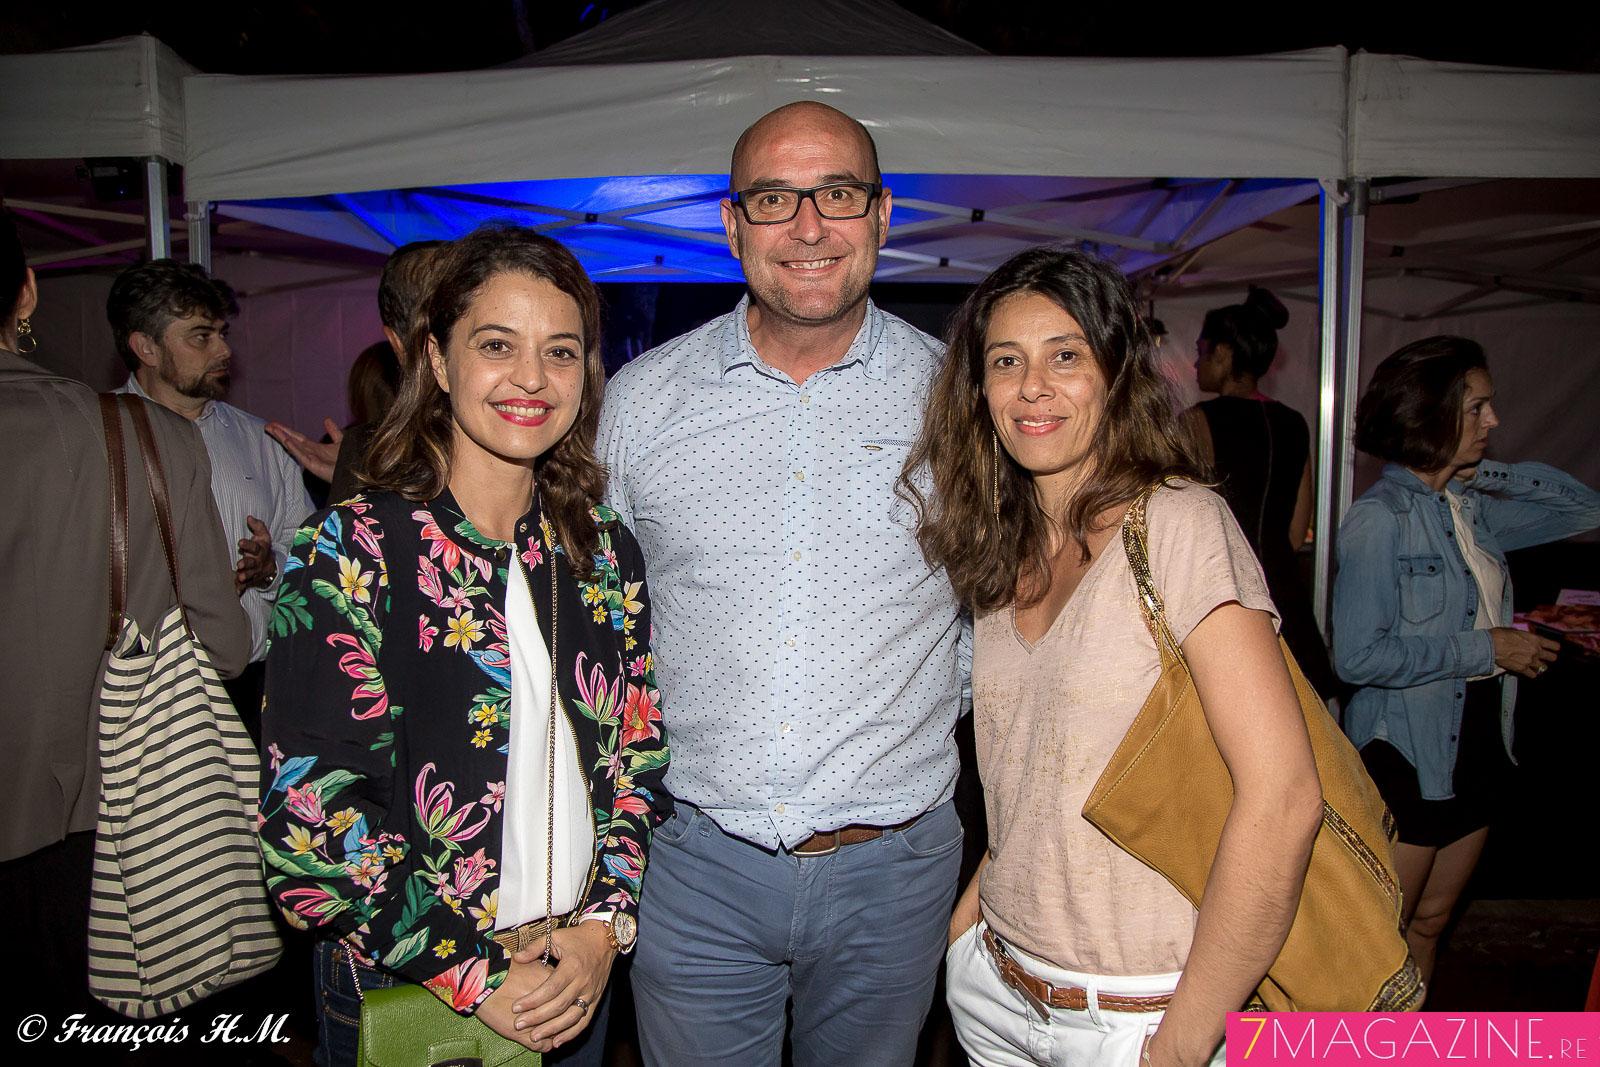 Stéphanie Begert, responsable du Pôle communication interne Air Austral, Albert Simon, directeur marketing Vindémia, et Corinne Hoarau, responsable publicité Vindémia